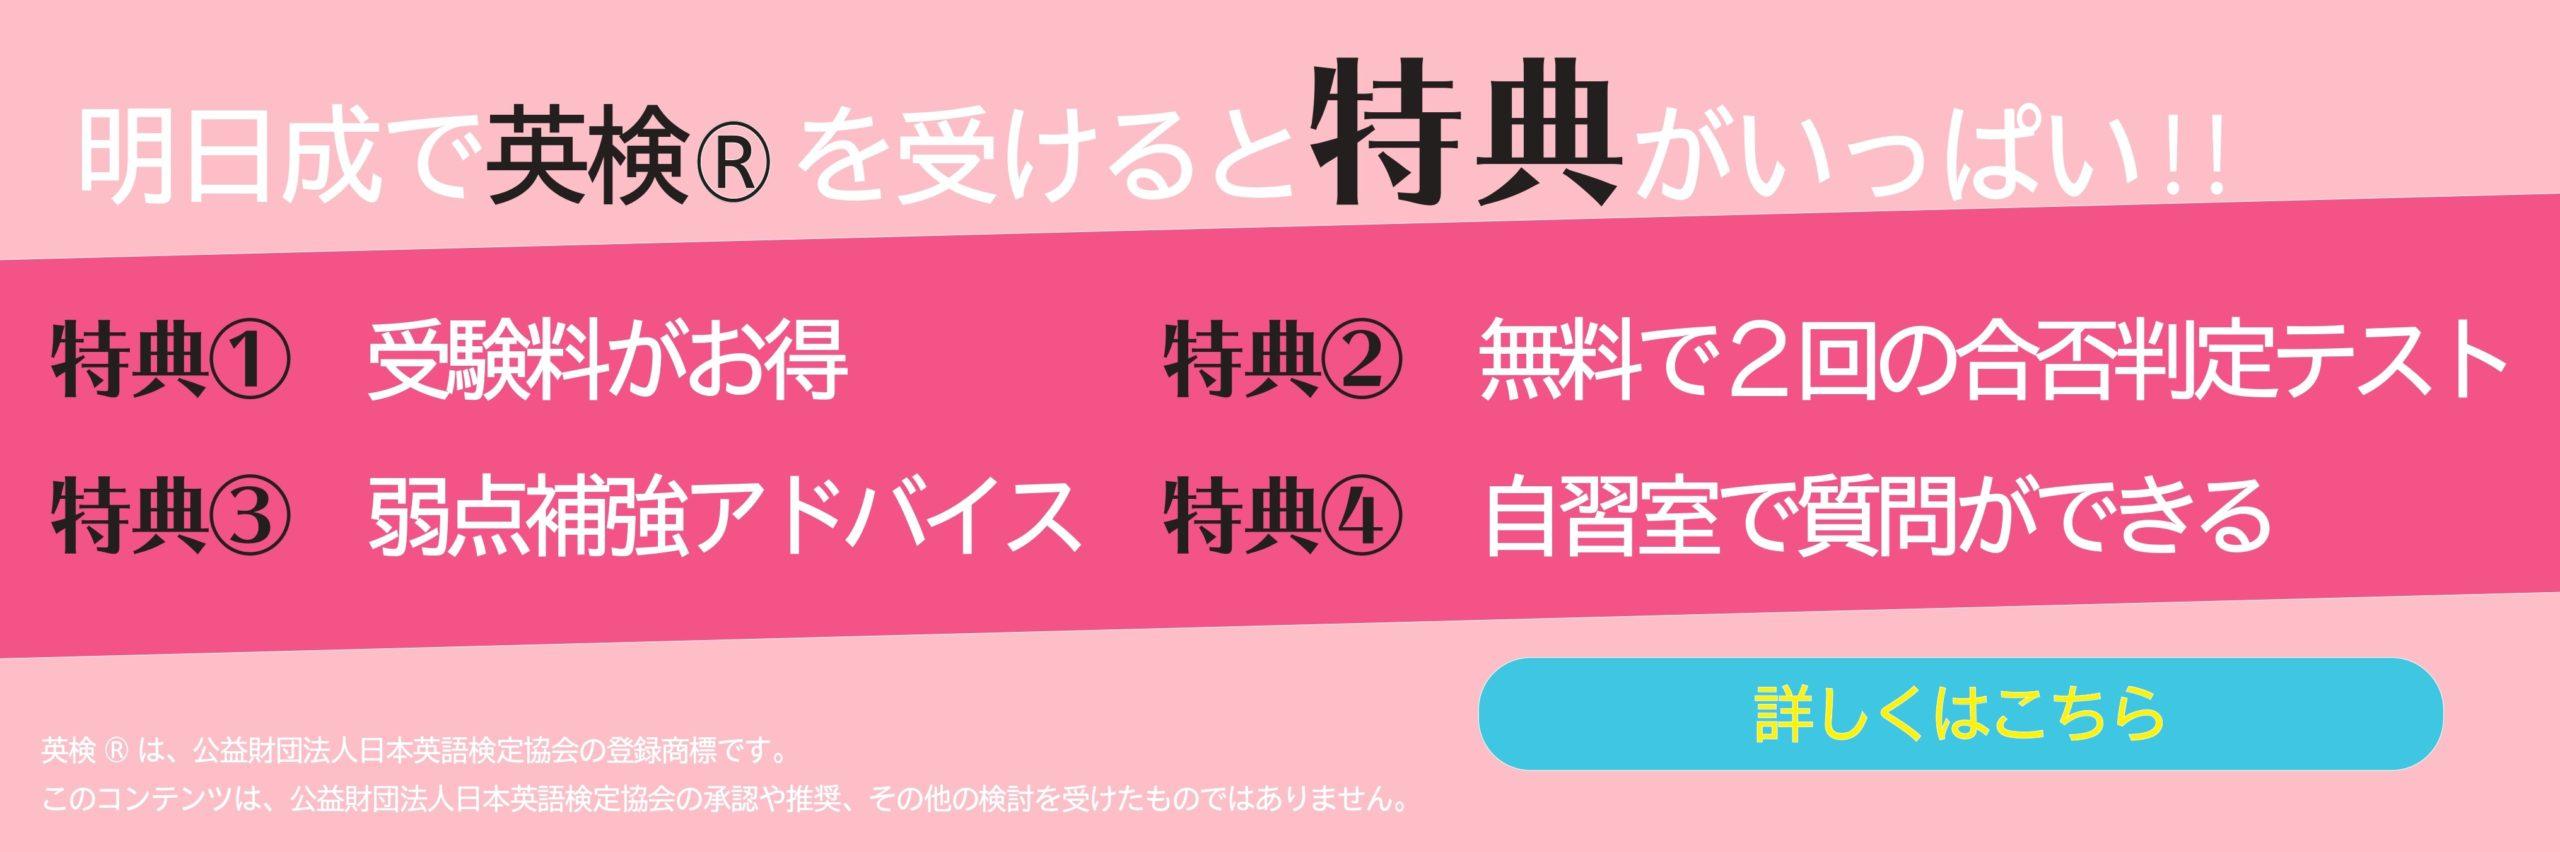 英検バナー_page-0001 (1)